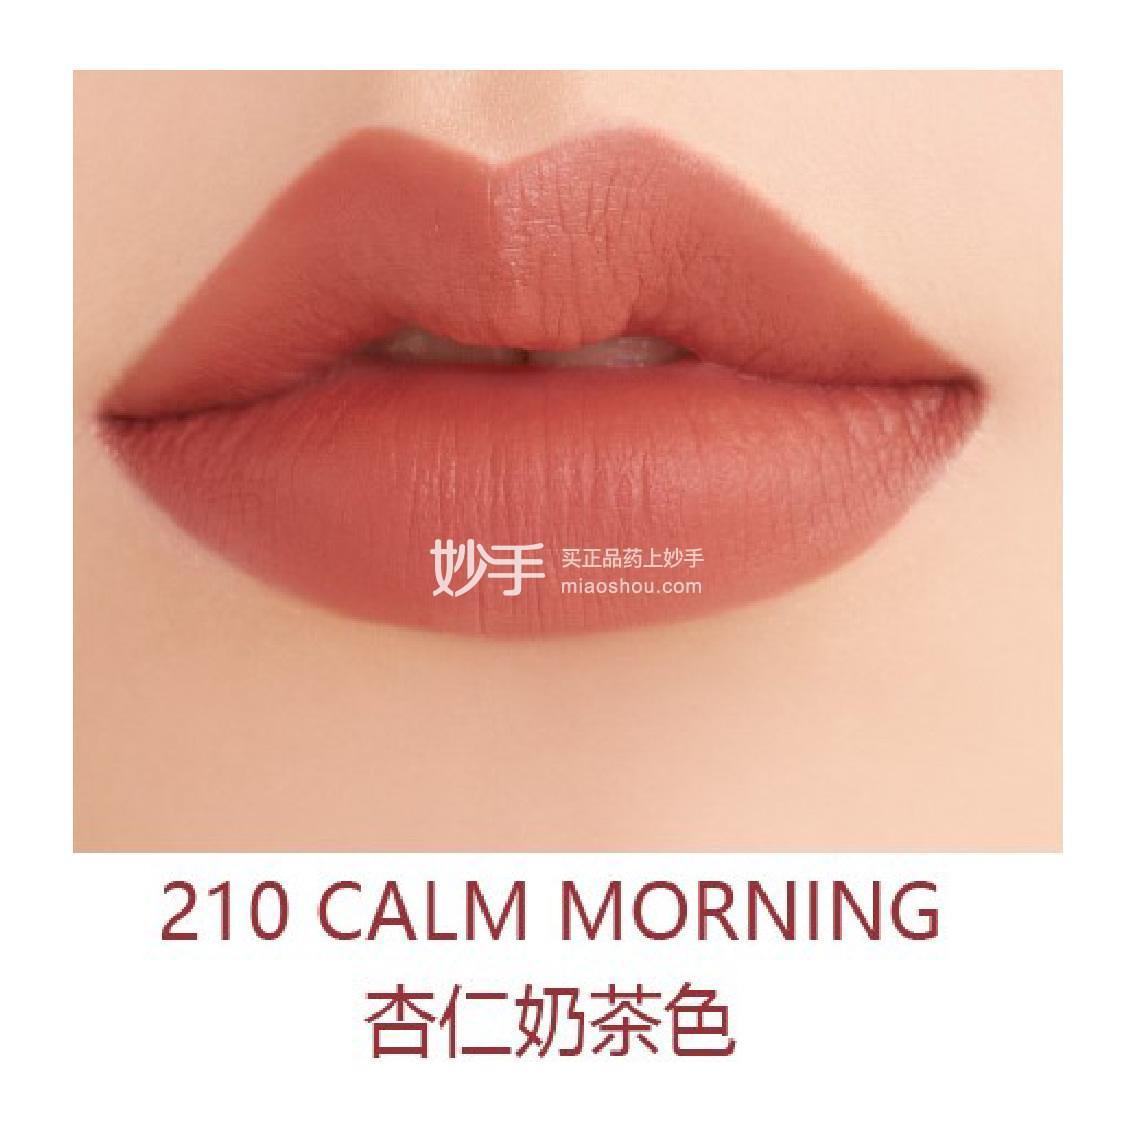 卡珞芮思丝绒倾慕口红 210 早安吻 3.5g